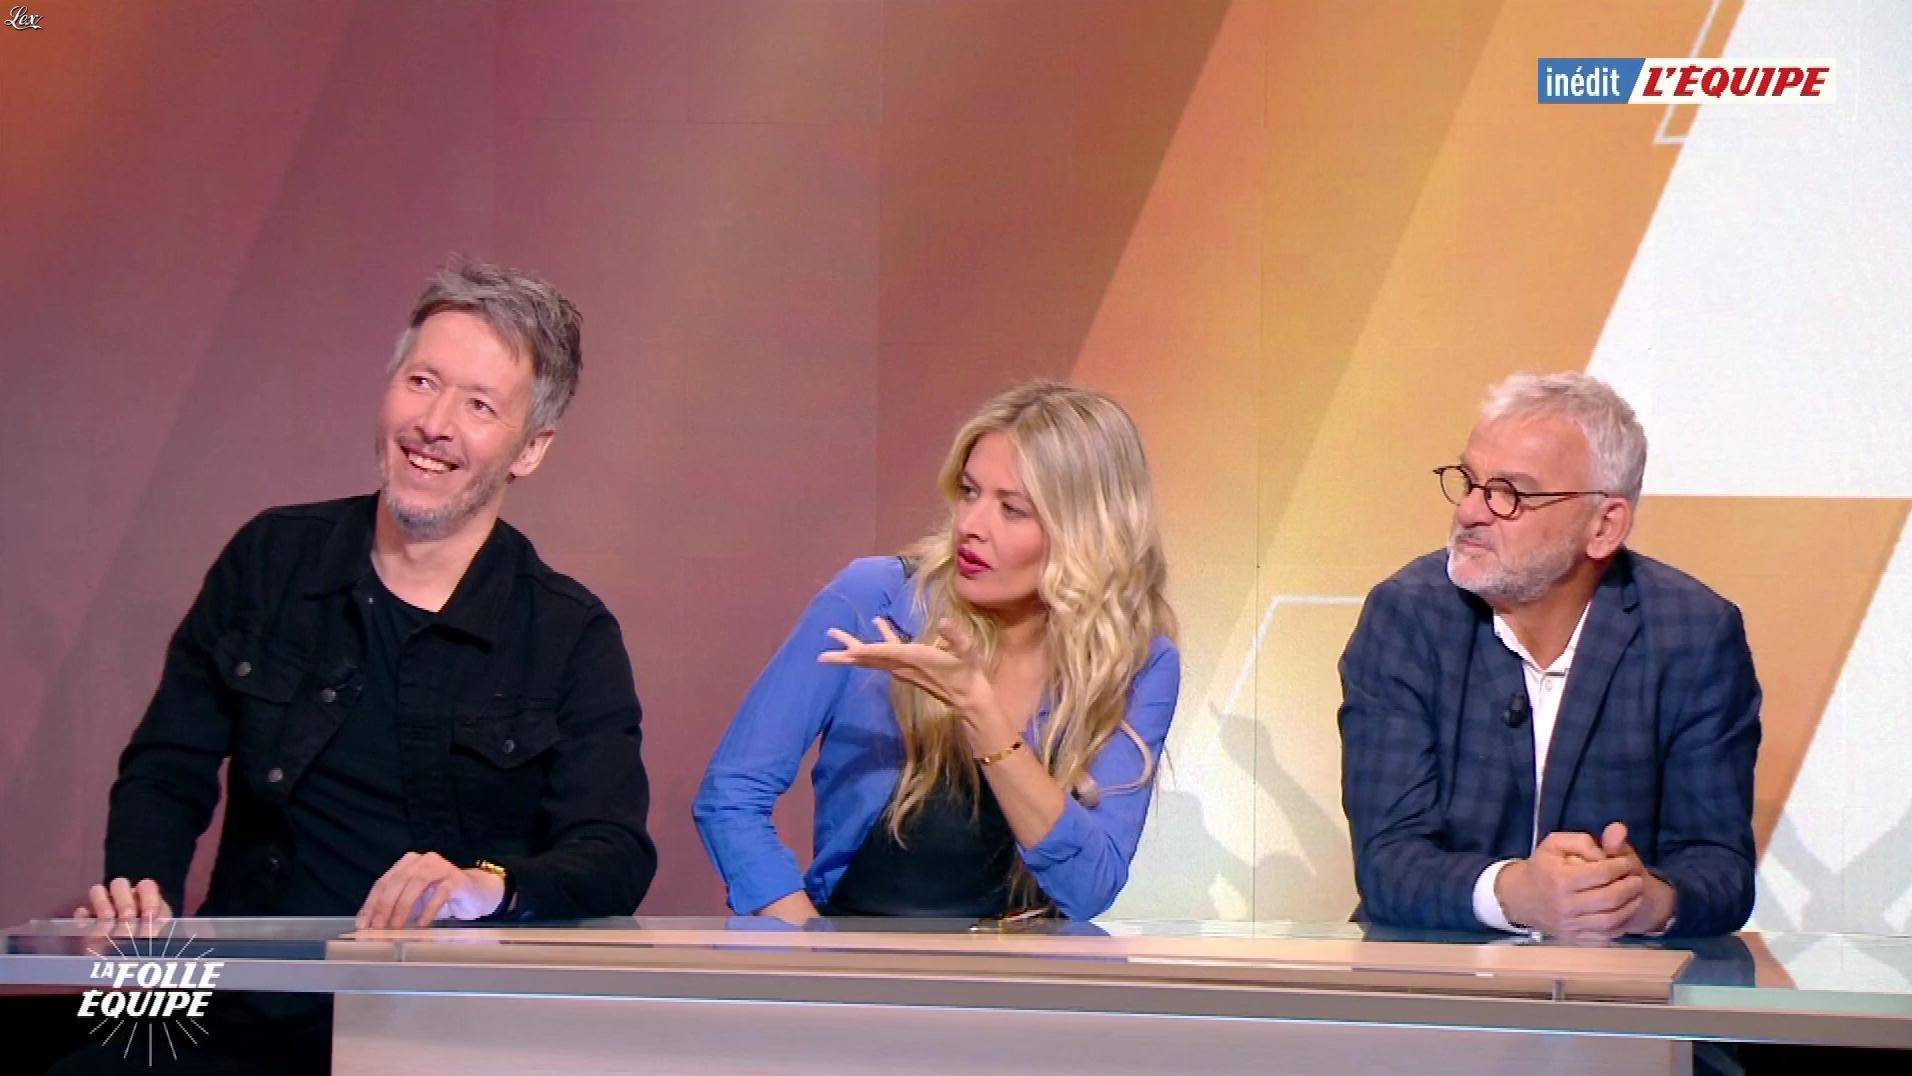 Carine Galli dans la Folle Equipe. Diffusé à la télévision le 01/04/19.